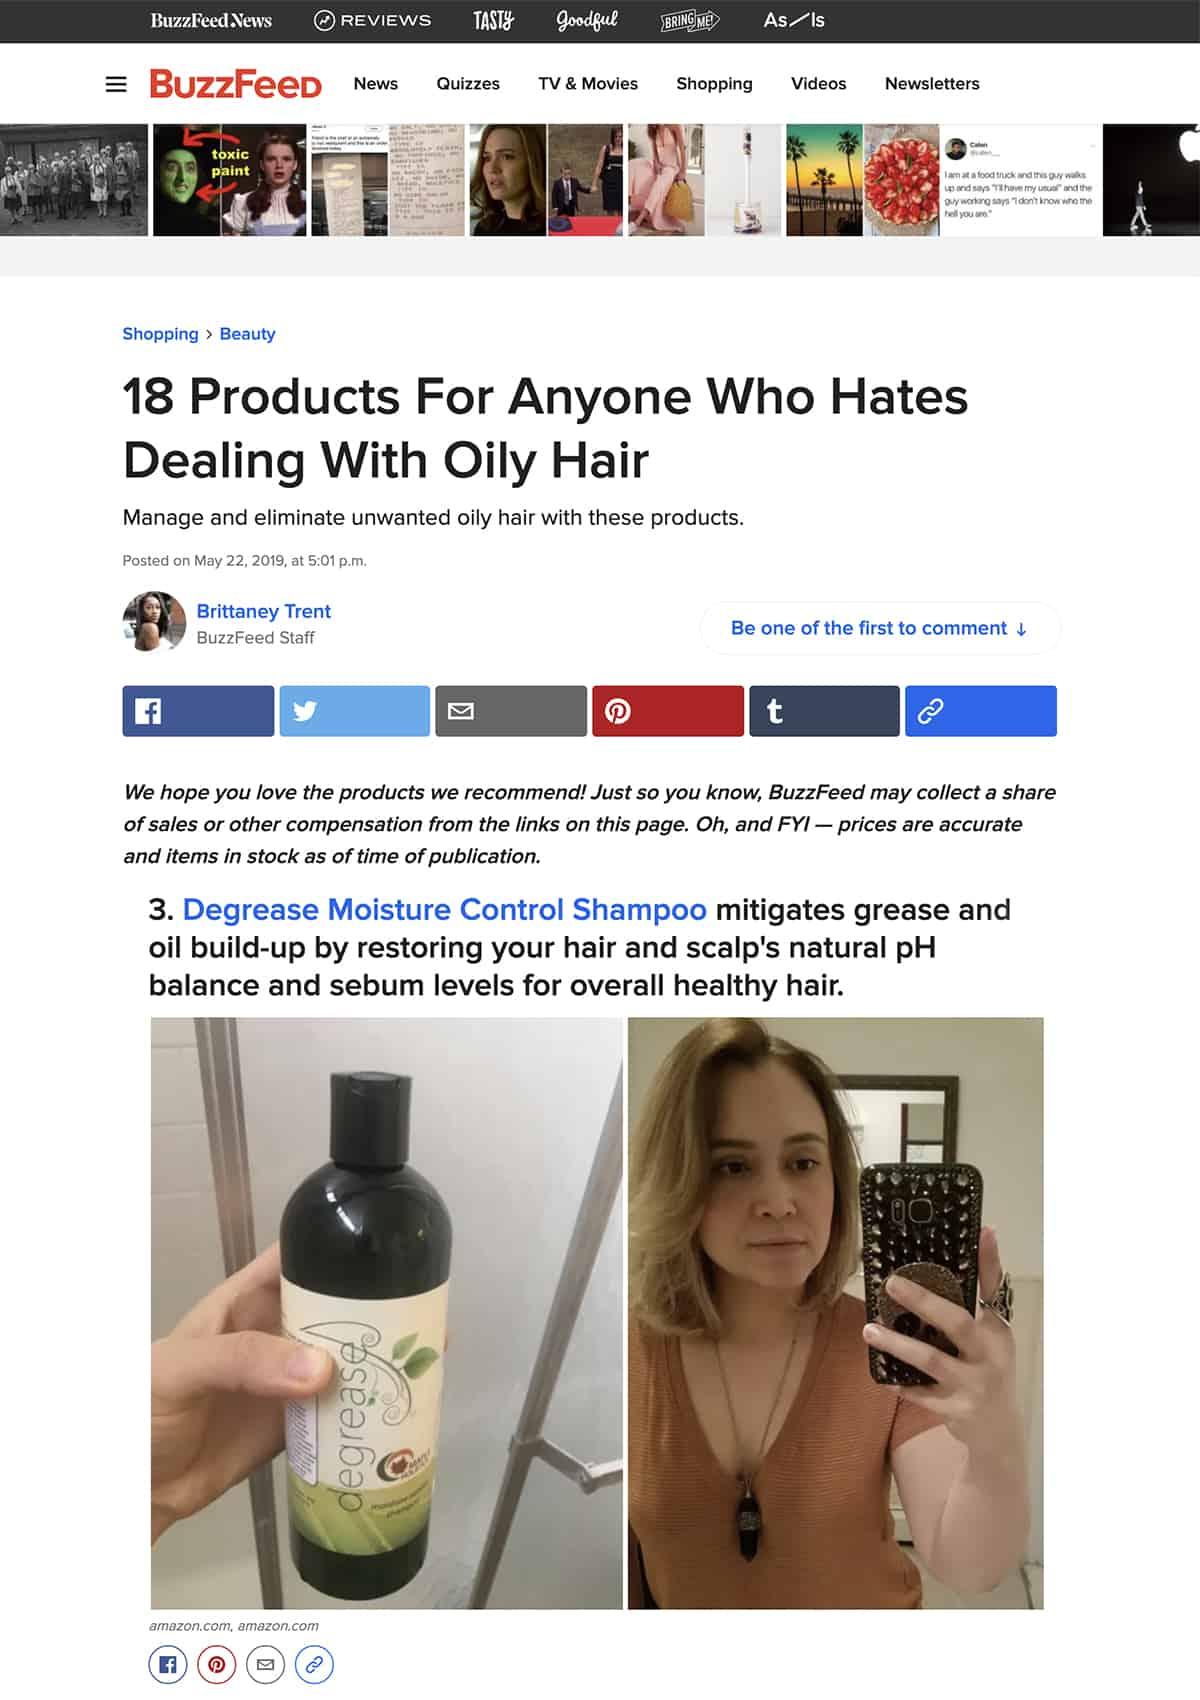 buzzfeed degrease shampoo